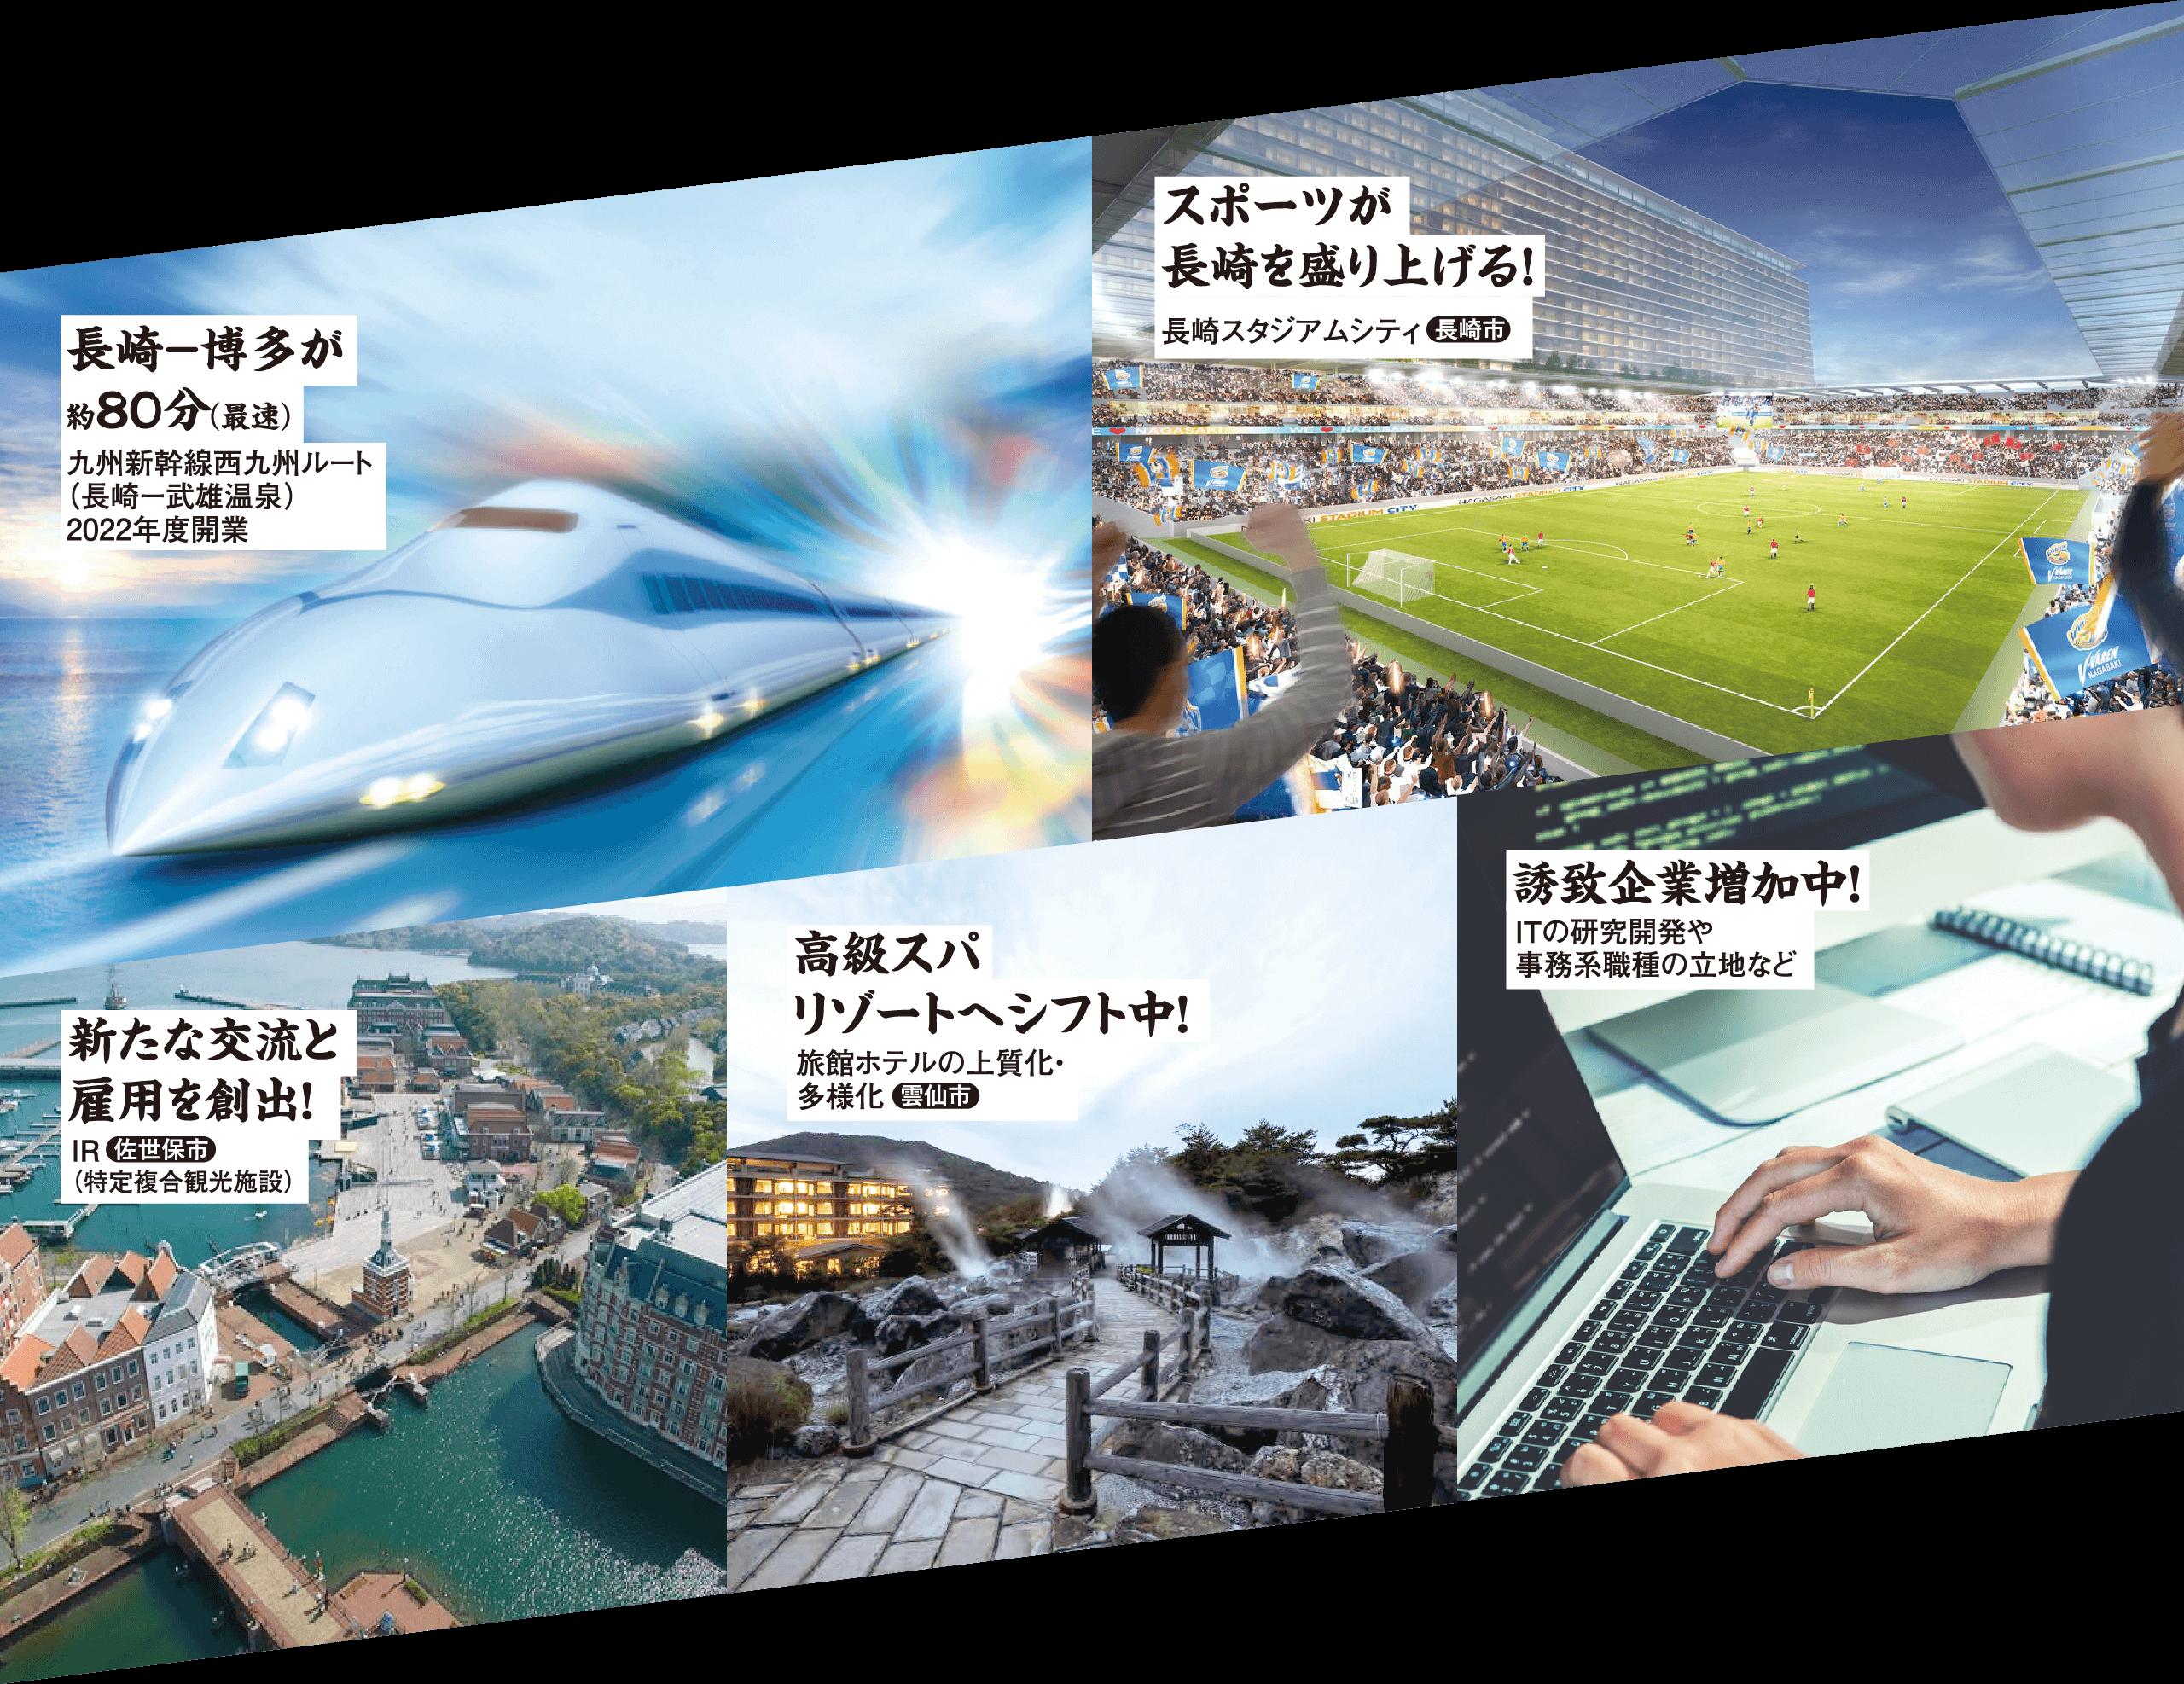 長崎−博多が約80分(最速)/スポーツが長崎を盛り上げる!/新たな交流と雇用を創出!/高級スパリゾートへシフト中!/誘致企業増加中!